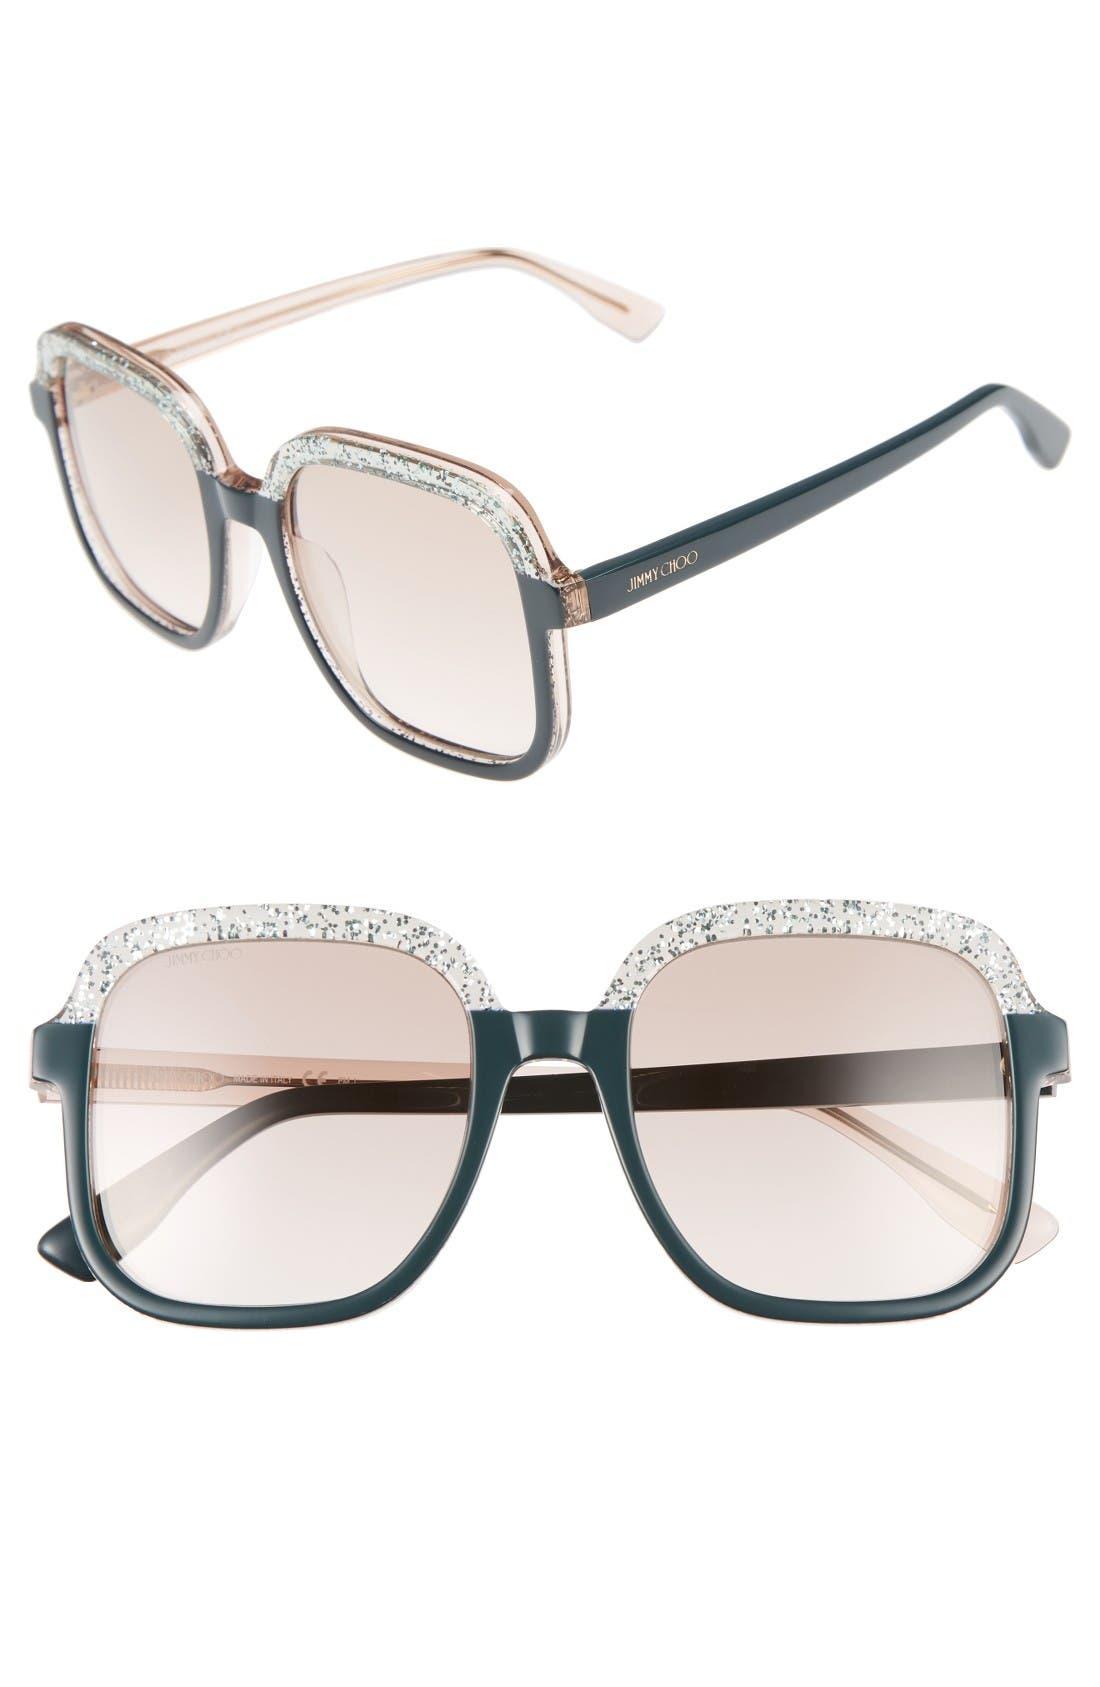 Alternate Image 1 Selected - Jimmy Choo 53mm Glitter Frame Sunglasses